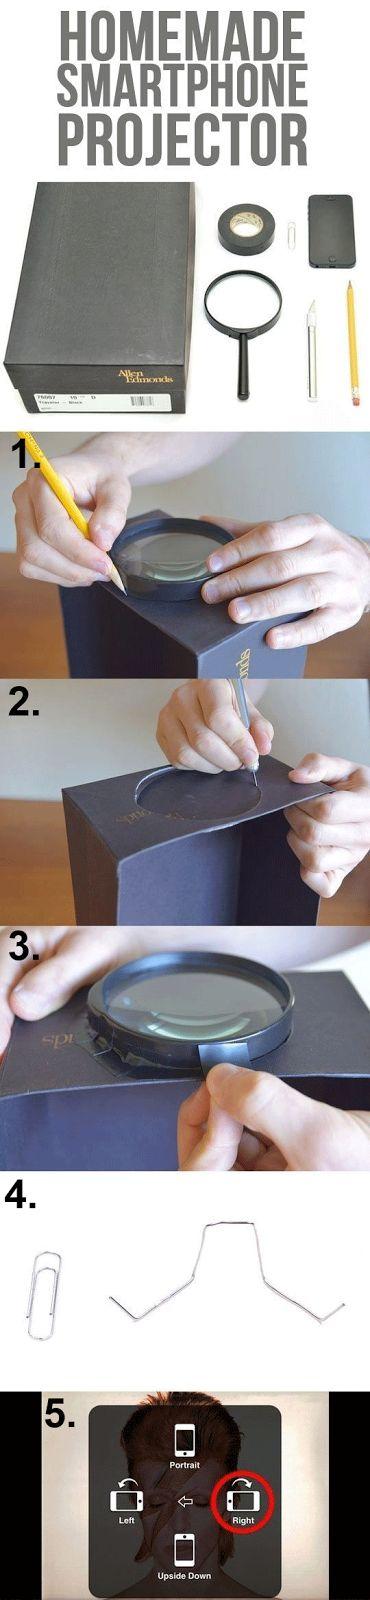 Cómo hacer un proyector casero para Smartphone